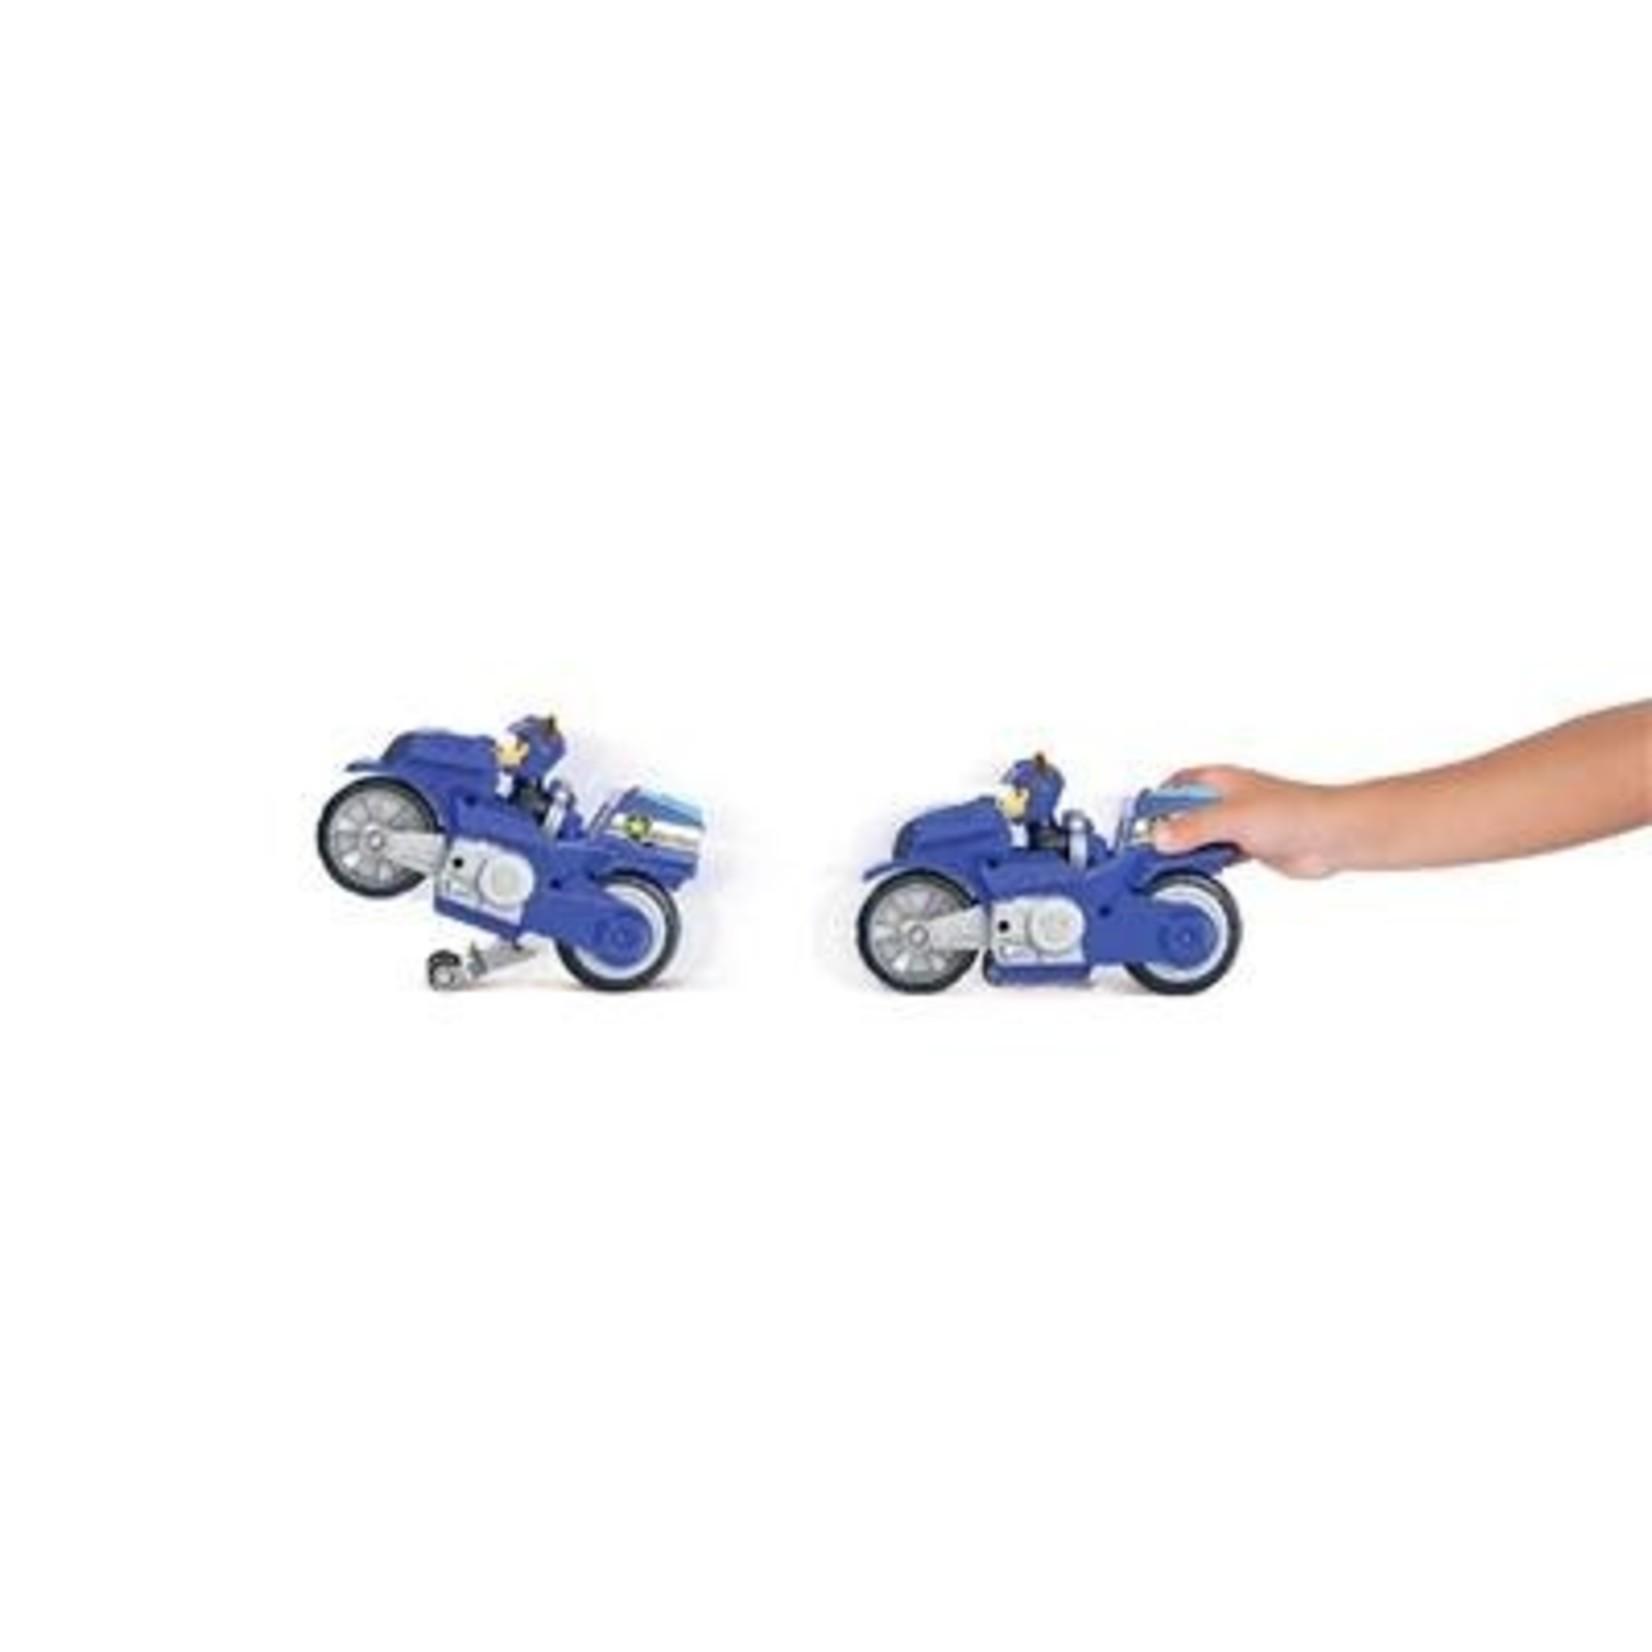 Spin Master Paw Patrol Moto Playset Chase